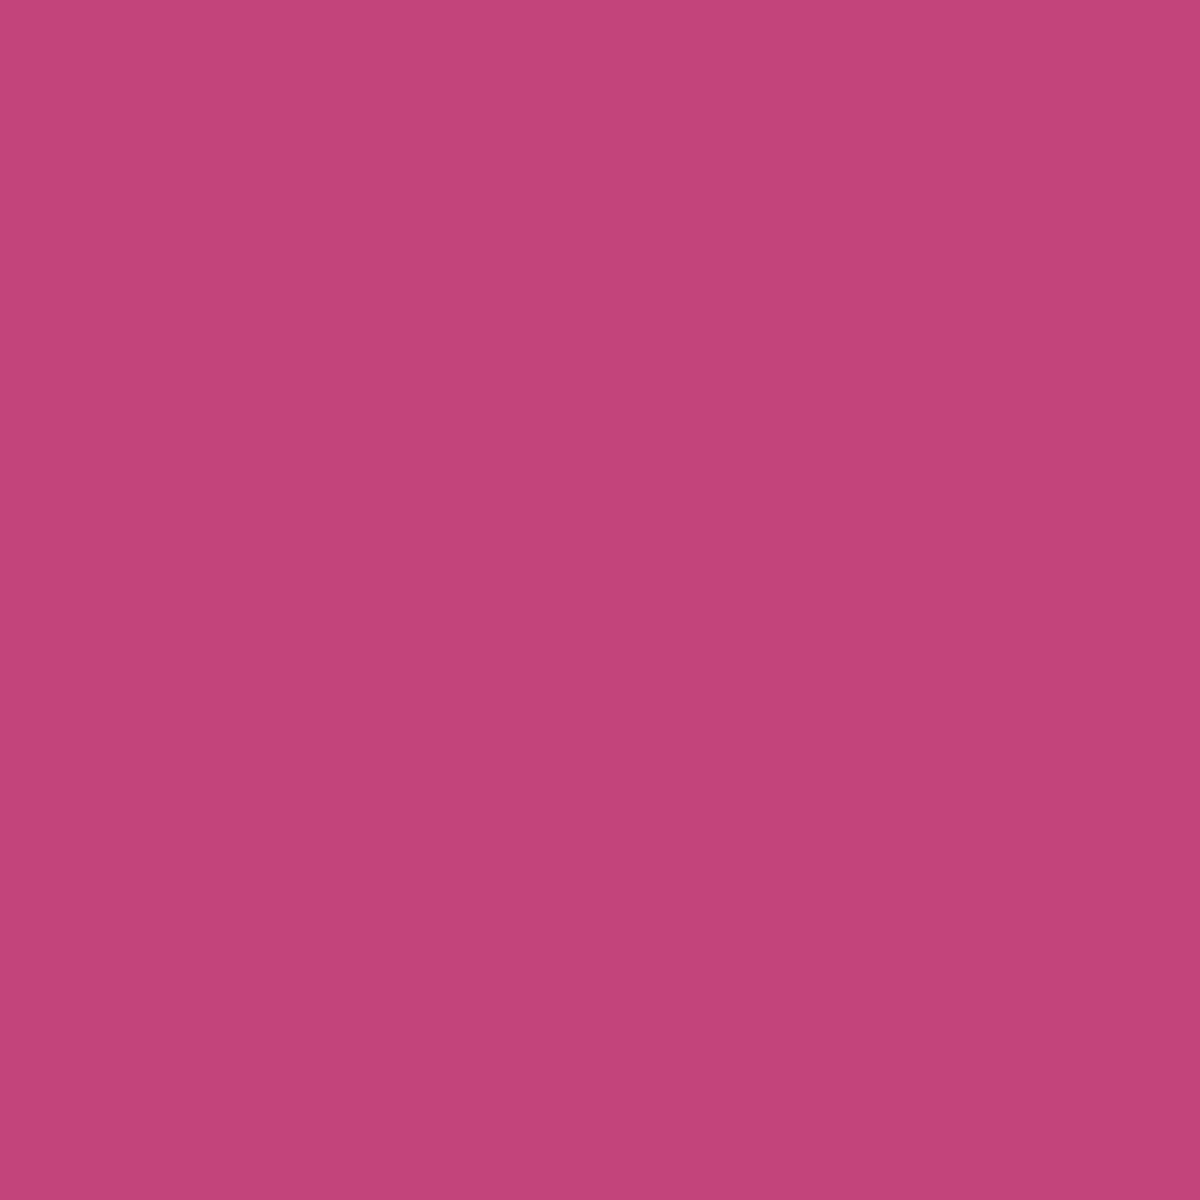 Fuchsia-Rose